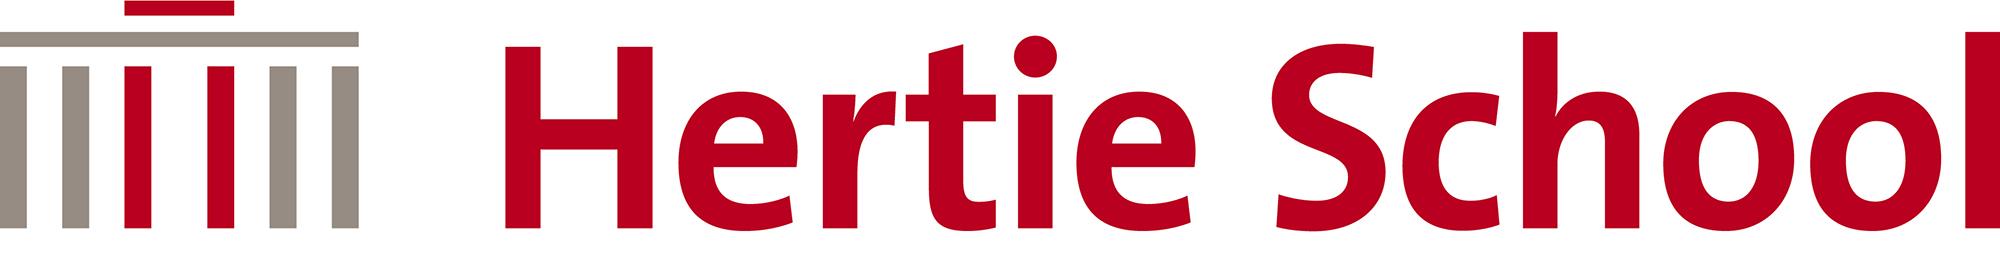 Empfehlungen der Hertie School zum Umgang mit Wissenslücken im Bereich Außen- und Sicherheitspolitik